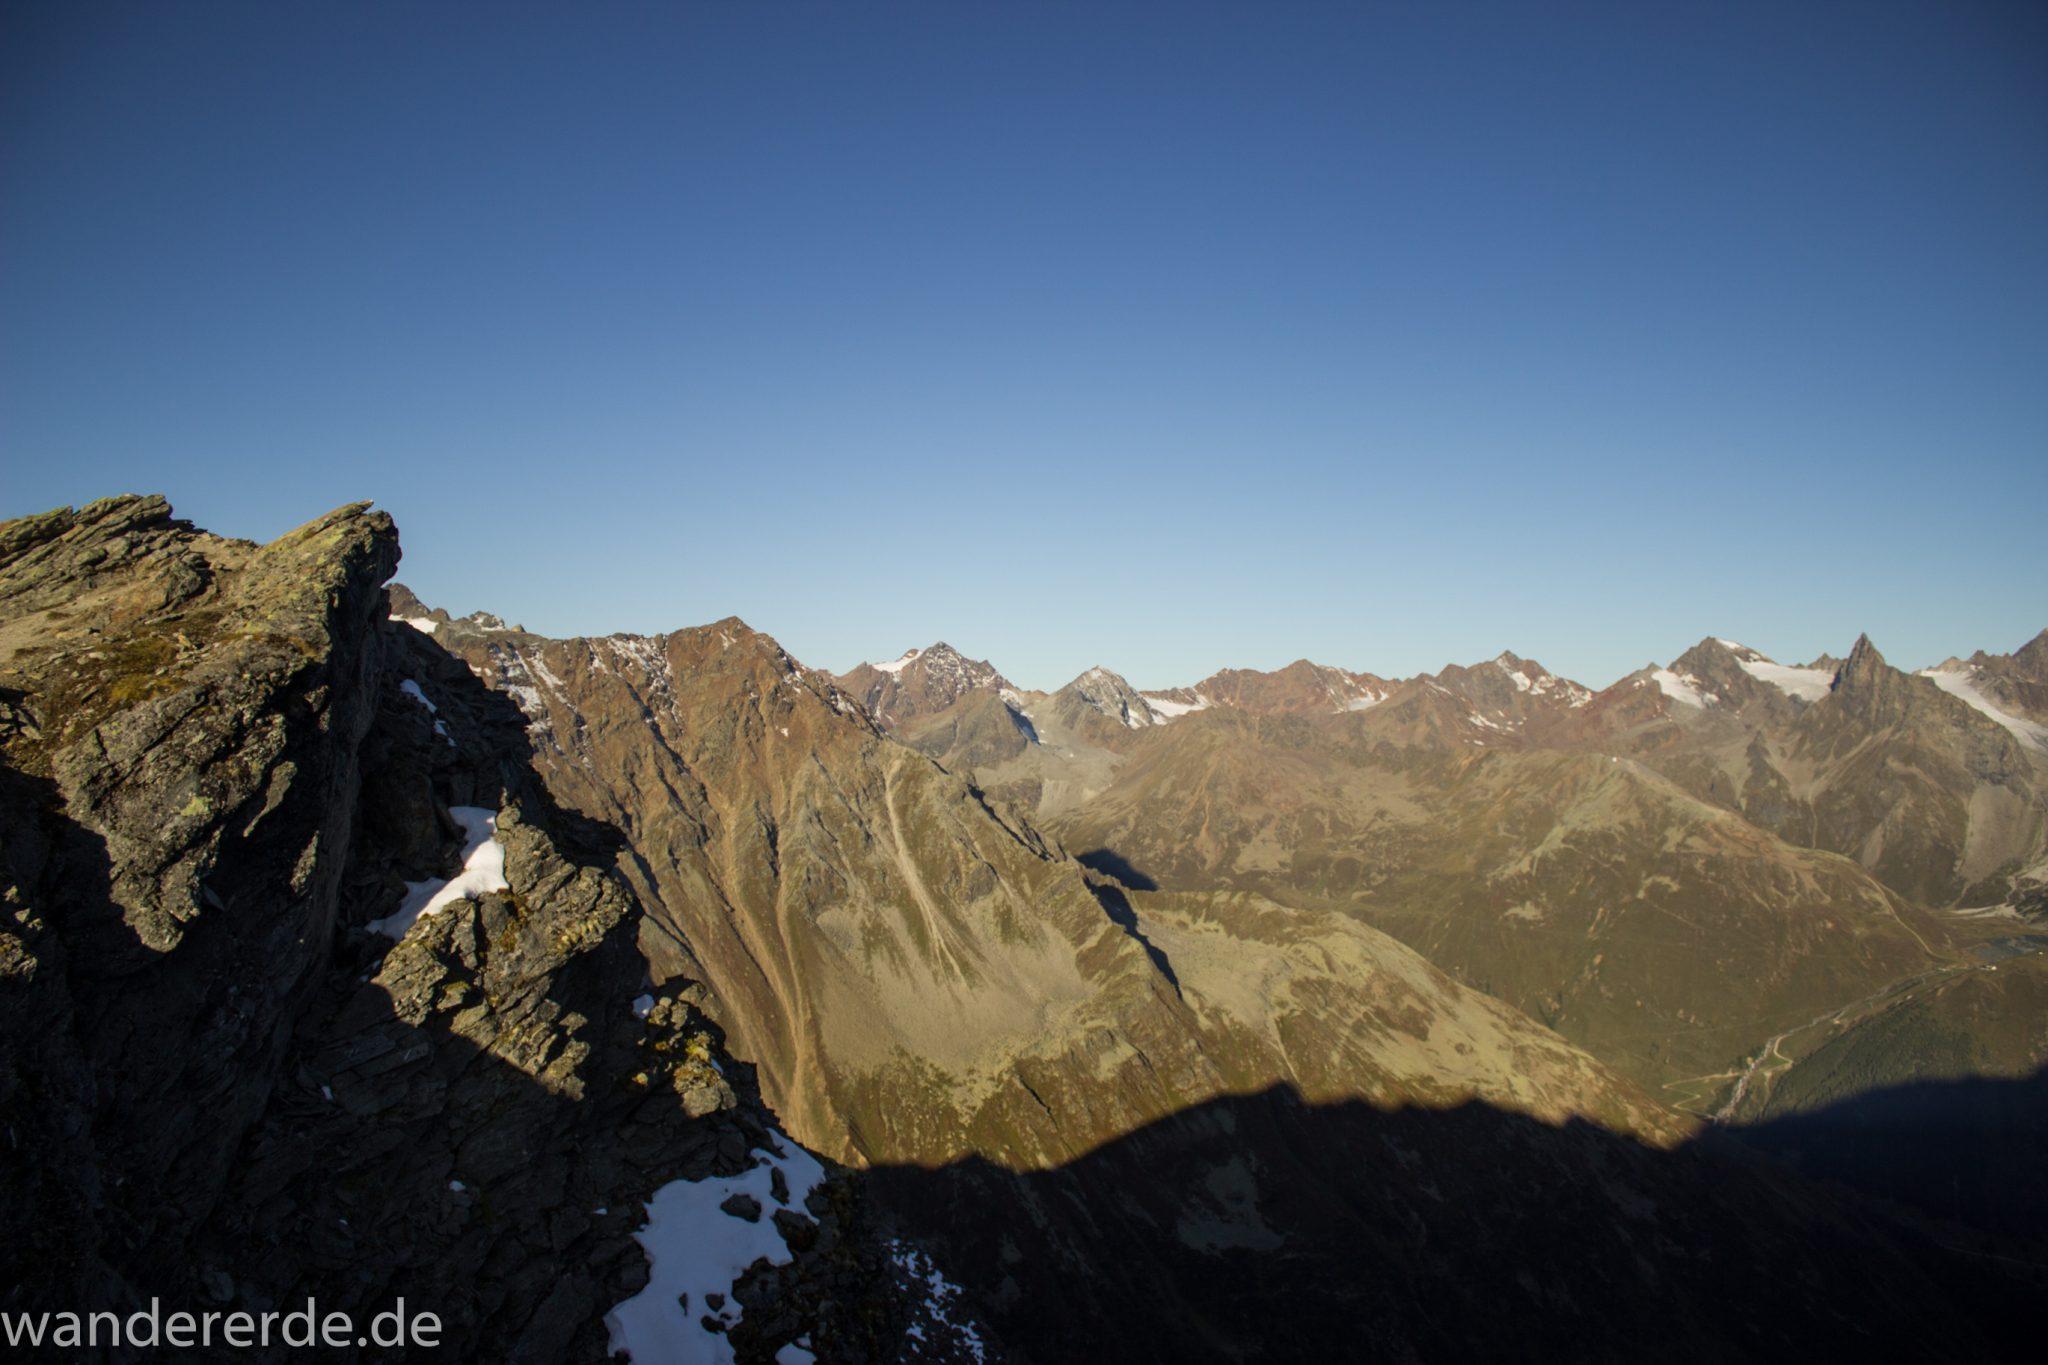 Alpenüberquerung Fernwanderweg E5 Oberstdorf Meran, 5. Etappe von Braunschweiger Hütte zur Martin-Busch-Hütte, zu Beginn der 5. Etappe steiler und schmaler Wanderweg mit viel Geröll hinauf zum Pitztaler Jöchl, Aussicht von kleiner Ebene während des Aufstiegs auf beeindruckende Berge, Reste von Schneefeldern in der Nähe der Gipfel